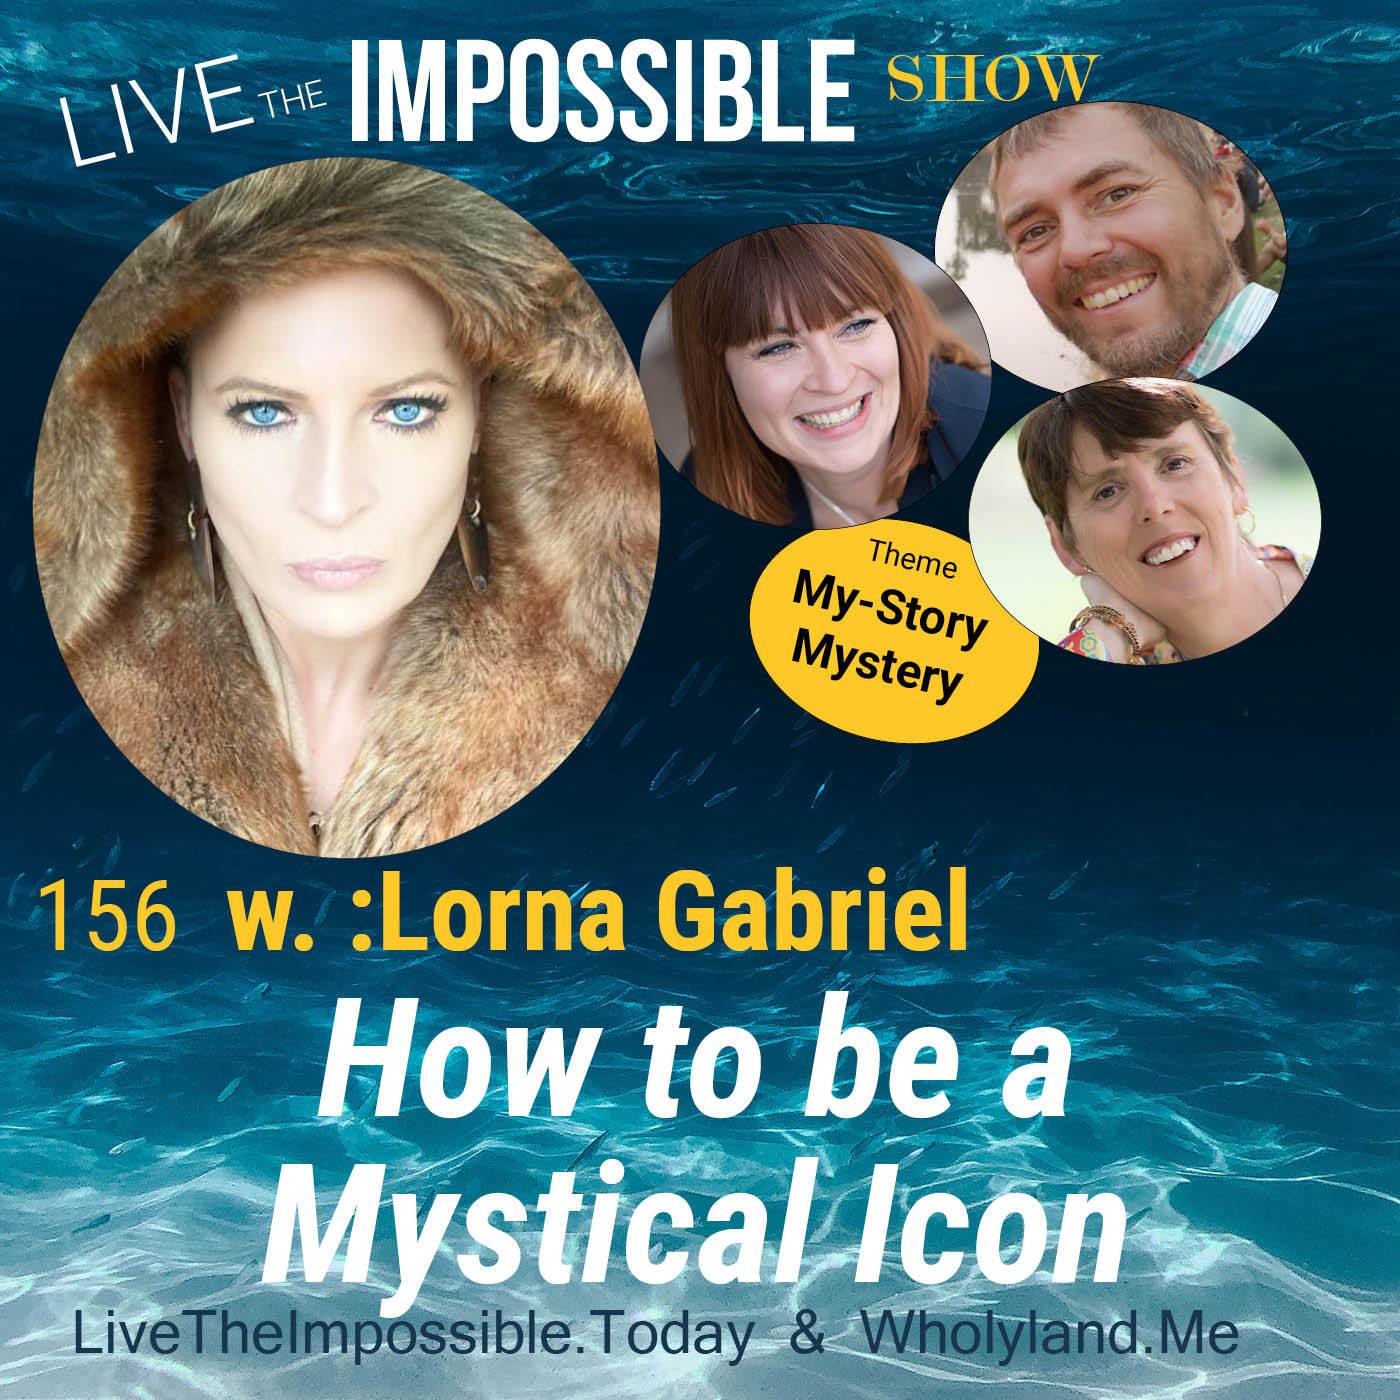 Lorna Gabriel